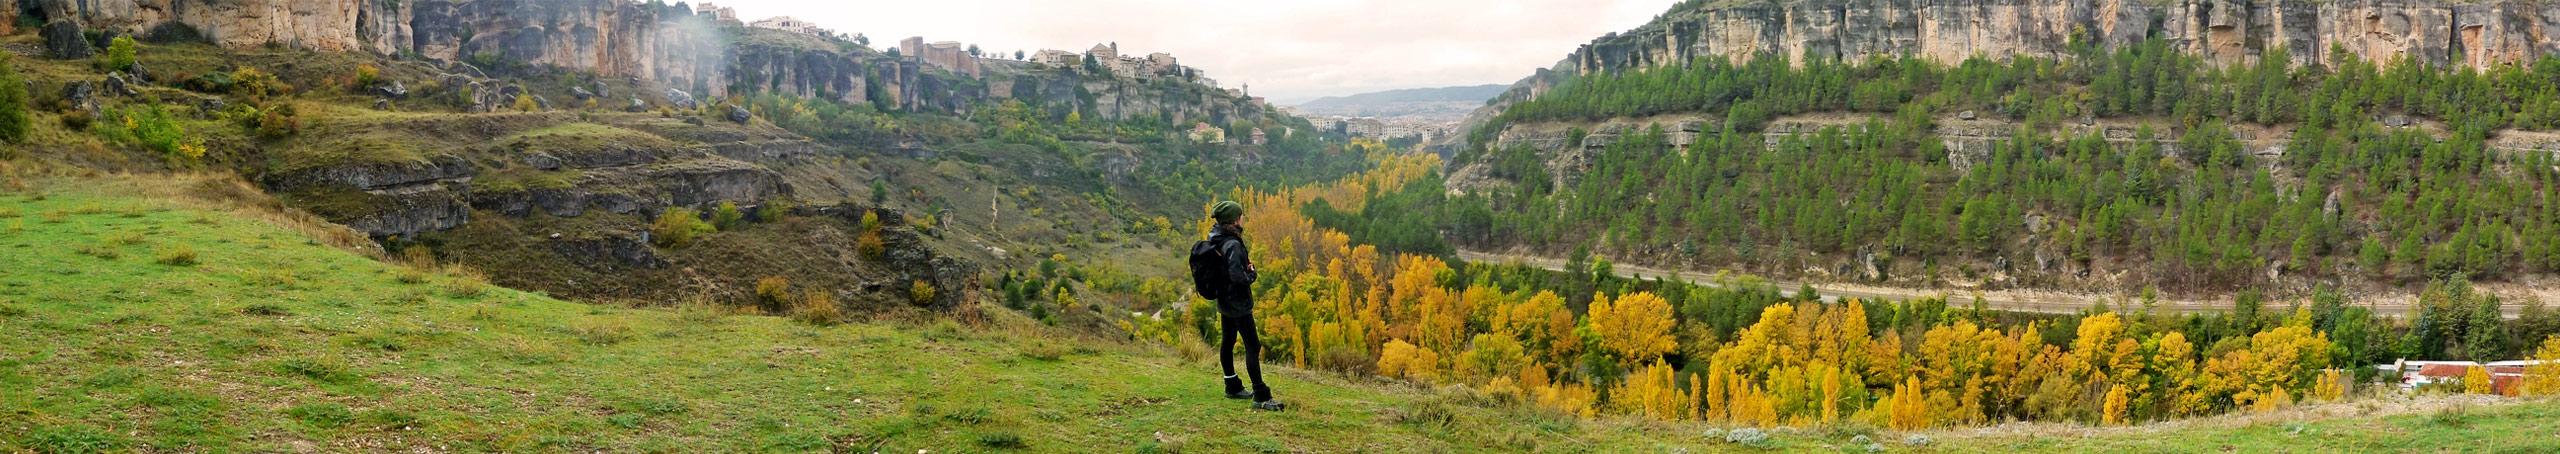 Rutas y actividades de aventura en la naturaleza